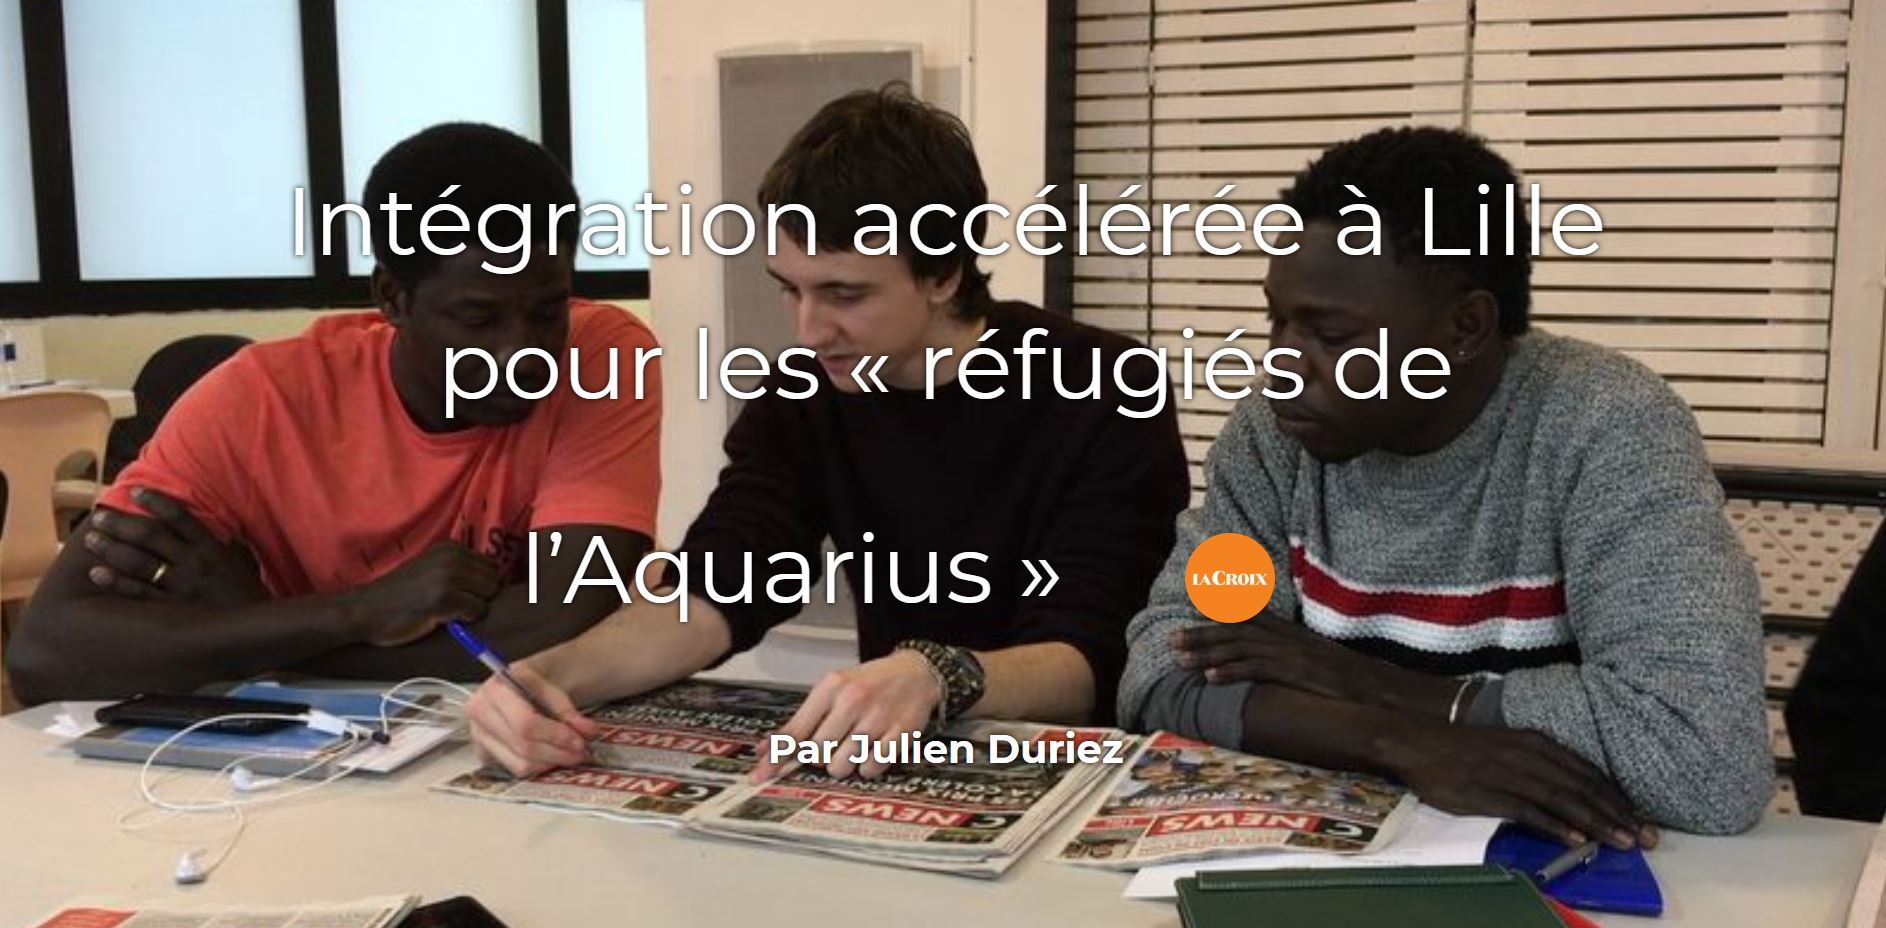 Intégration accélérée pour les réfugiés de l'Aquarius